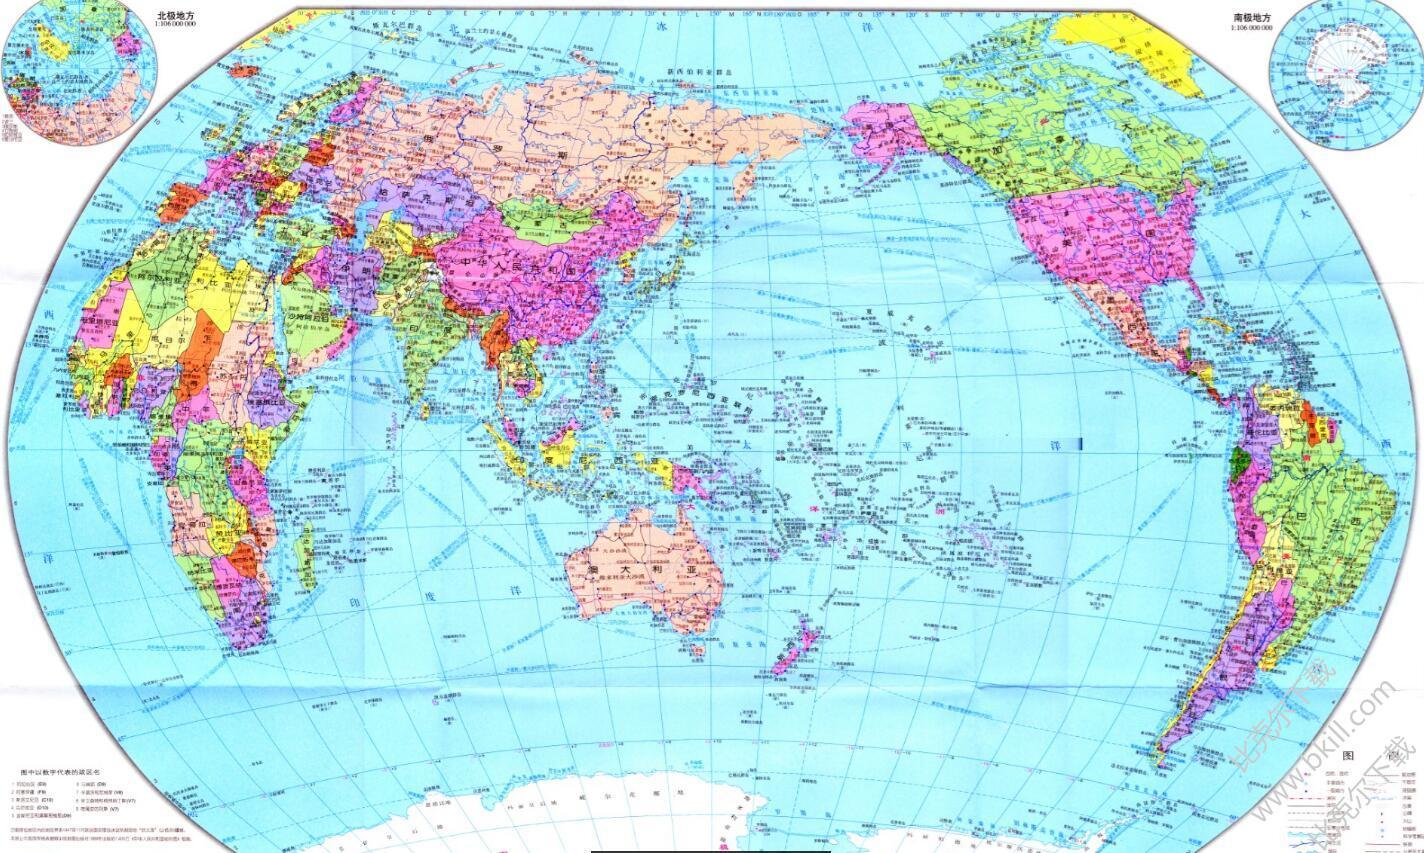 高清世界地图中文版(可放大图片) jpg版